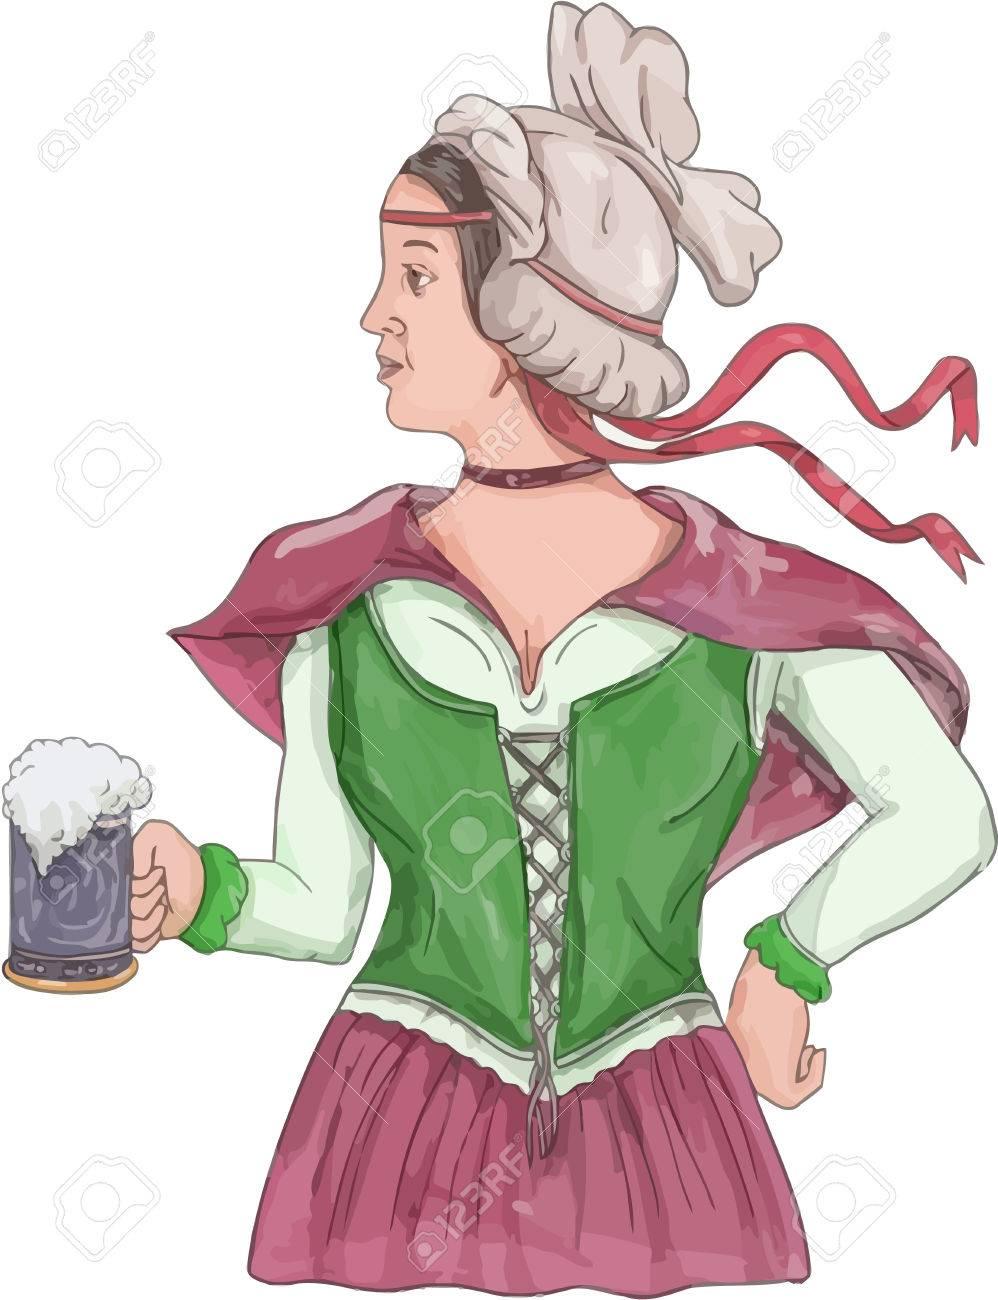 分離の背景を白に設定側から見たビール ジョッキを持って中世ルネッサンス衣装ドレスを着てドイツ ホステスの水彩風イラスト。